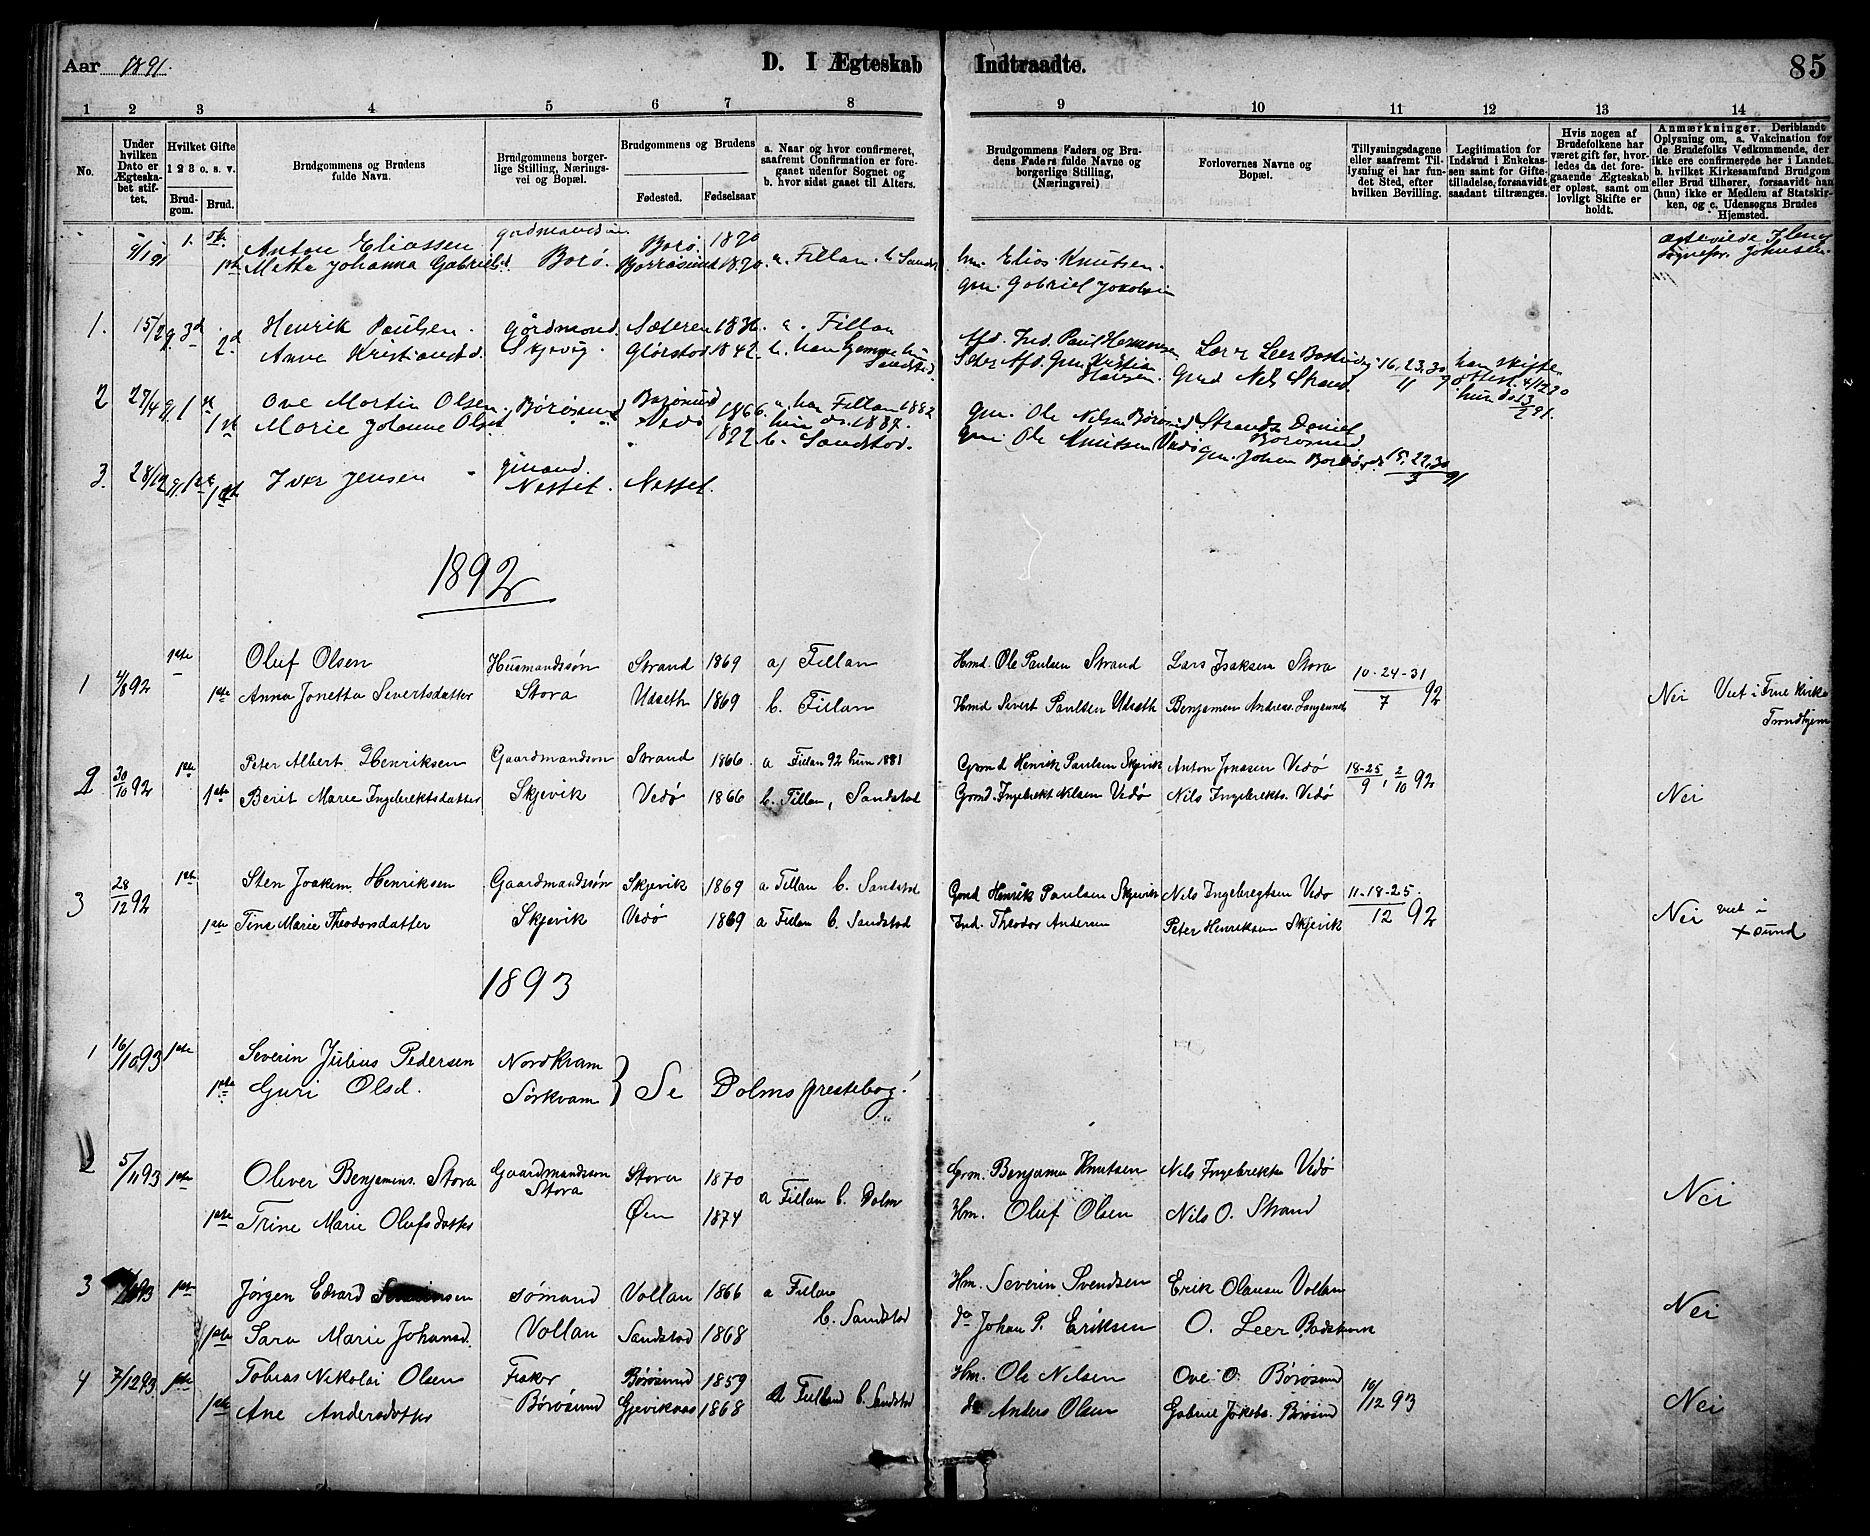 SAT, Ministerialprotokoller, klokkerbøker og fødselsregistre - Sør-Trøndelag, 639/L0573: Klokkerbok nr. 639C01, 1890-1905, s. 85